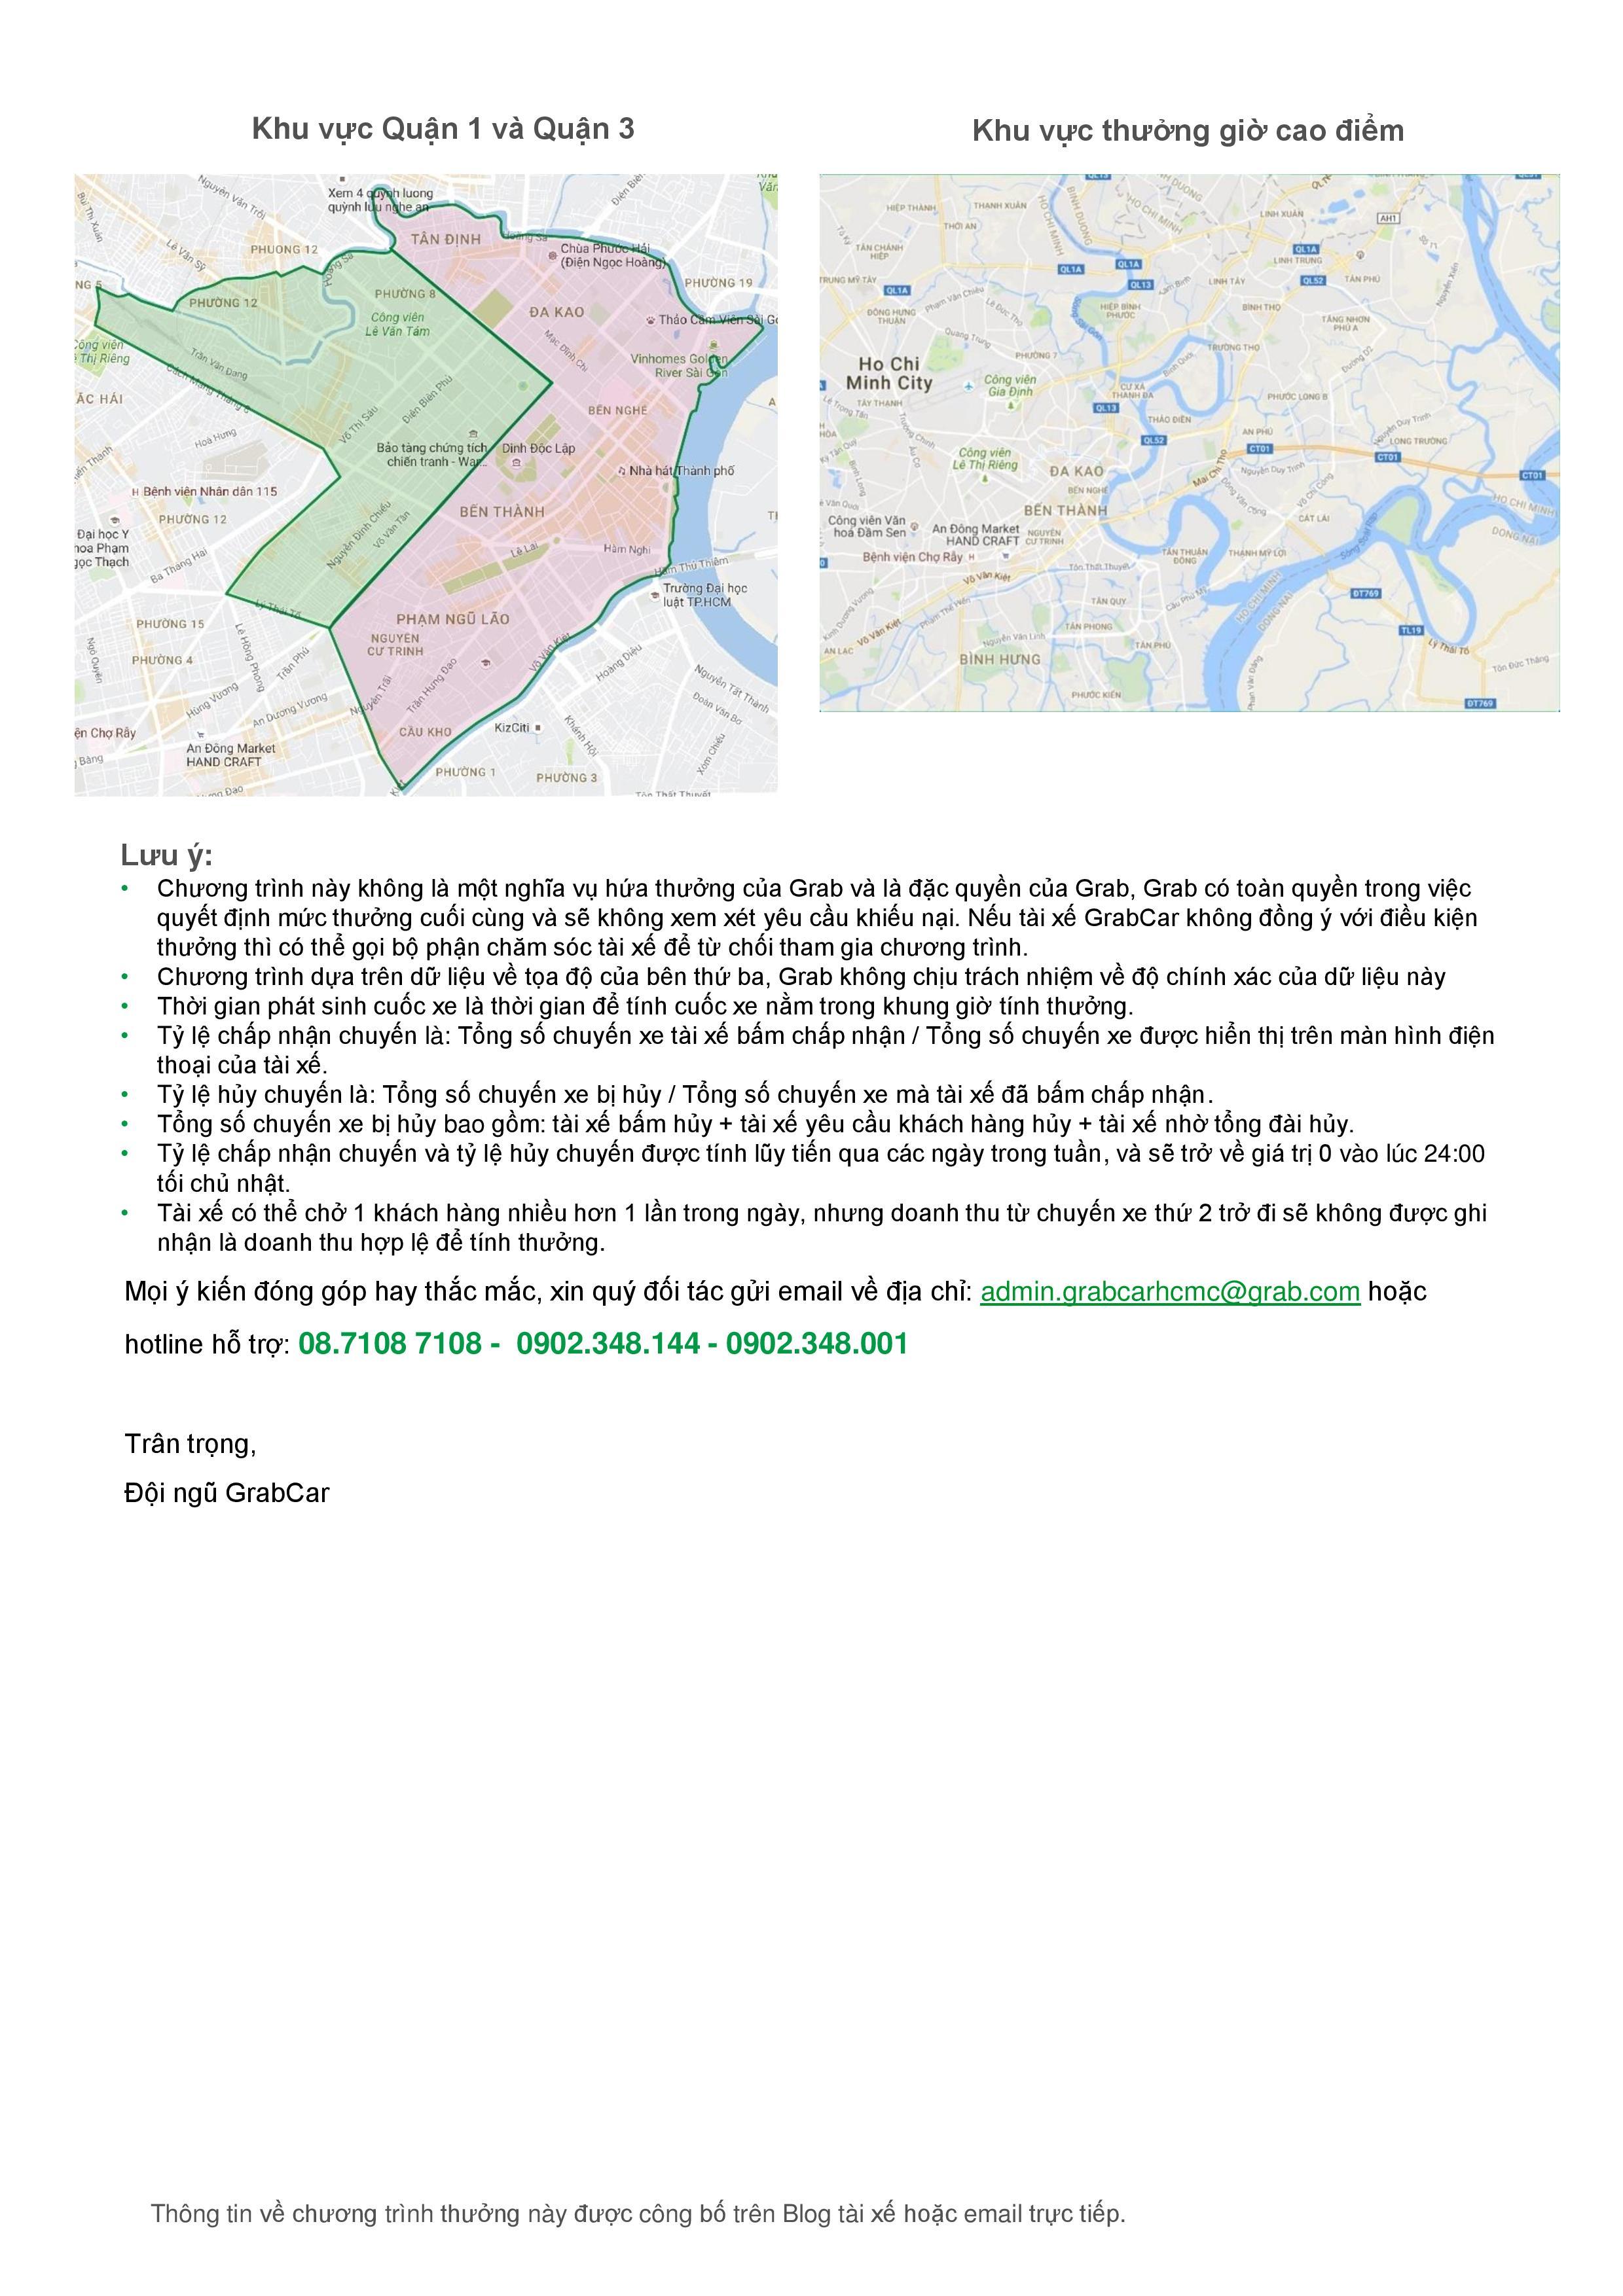 gchcm-incentive2412-page-002